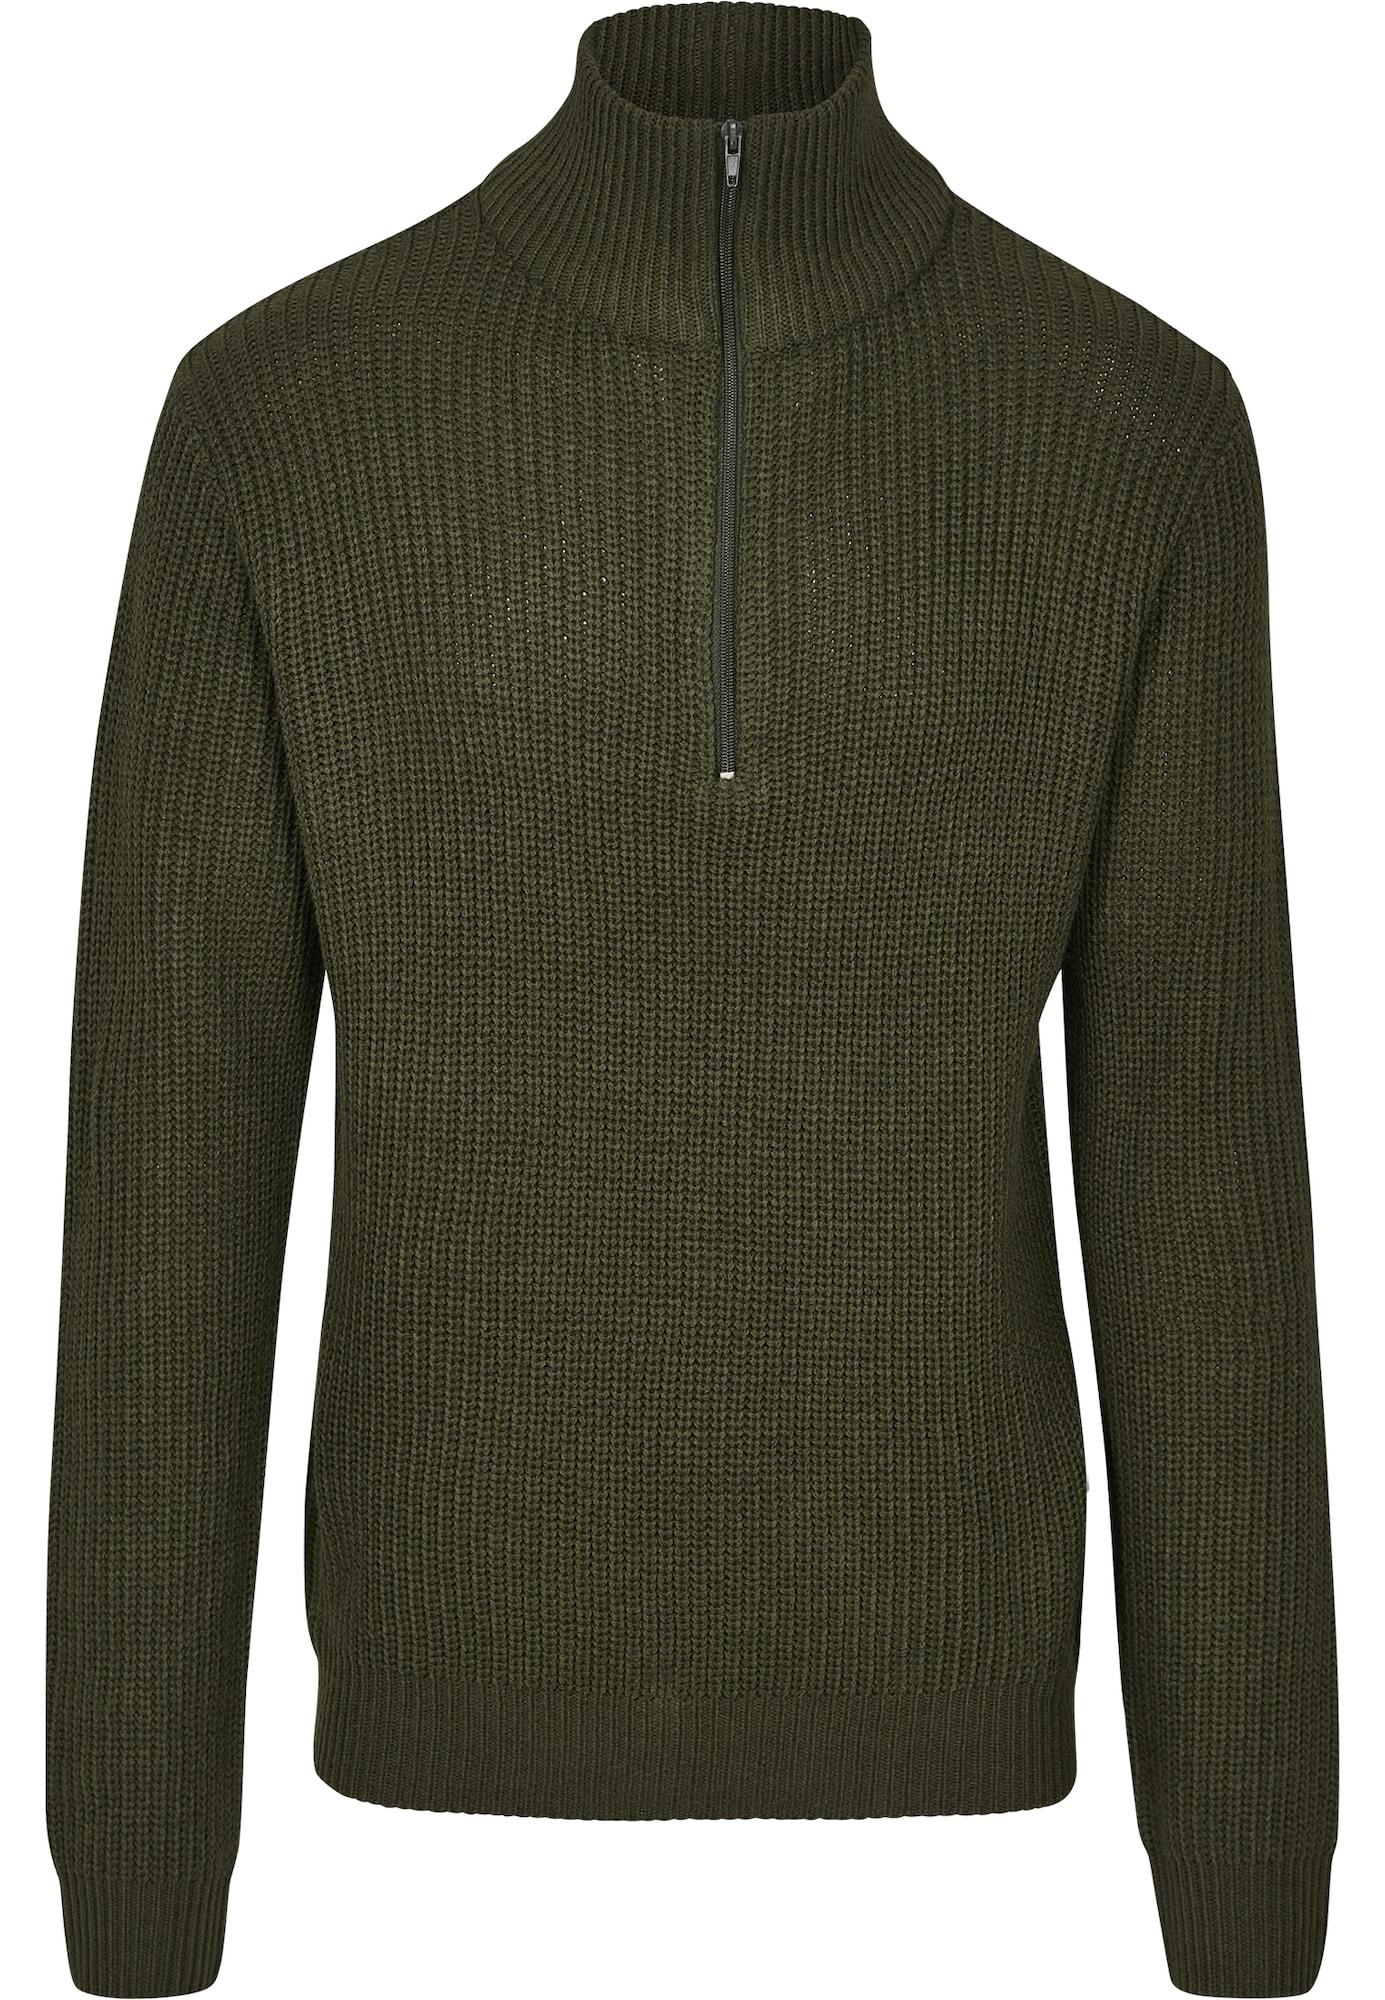 Brandit Megztinis tamsiai žalia